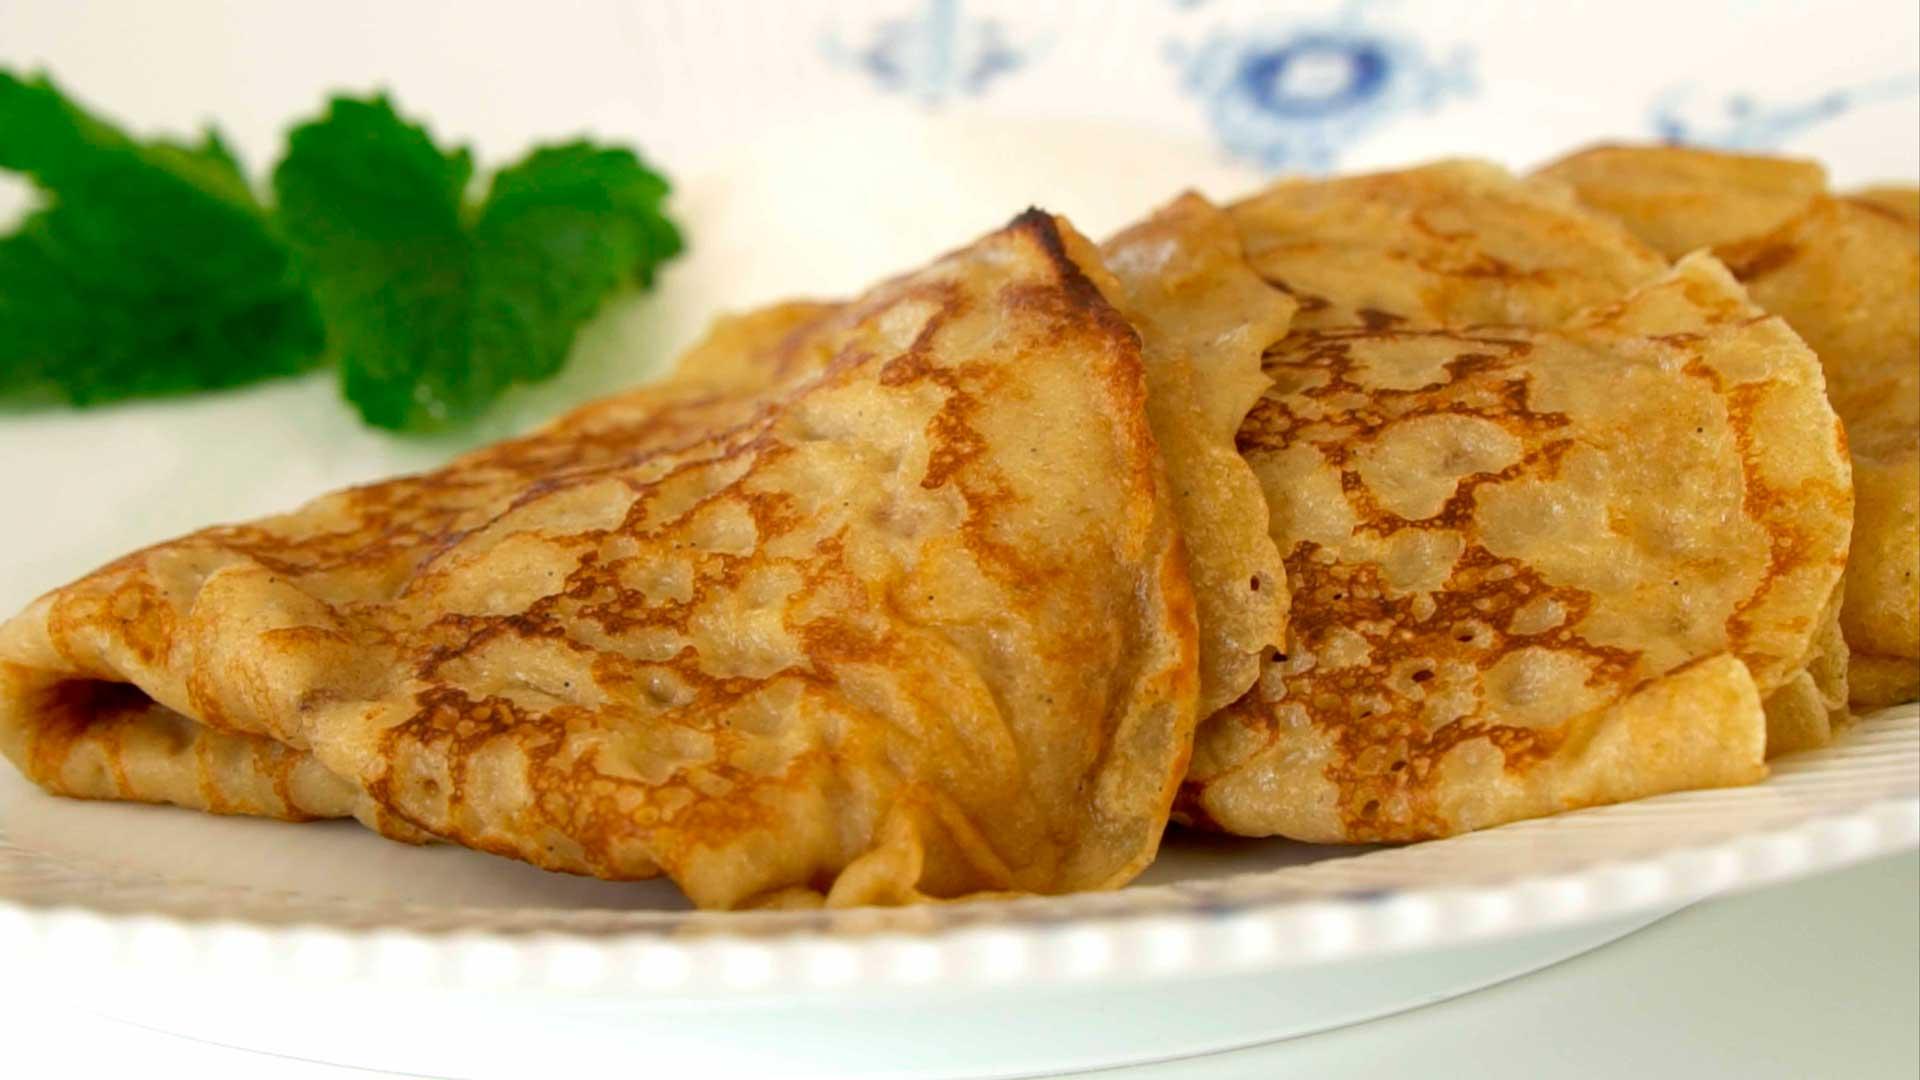 Pandekager Verdens Bedste Og Nemmeste Dessert Foodtv